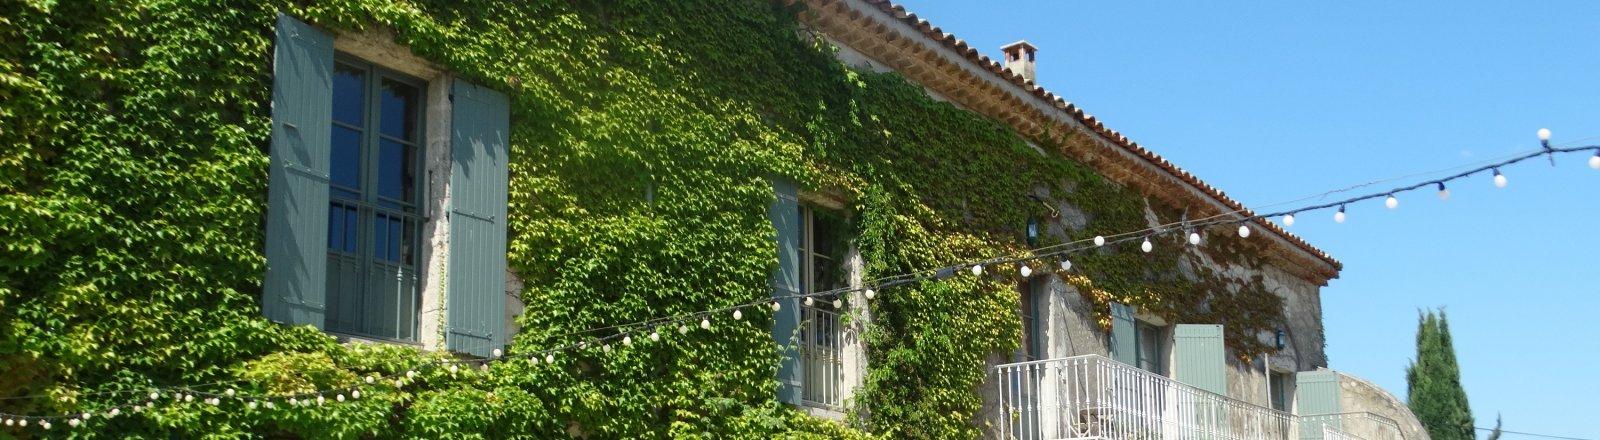 Domaine de Pélican © Pays Coeur d'Hérault